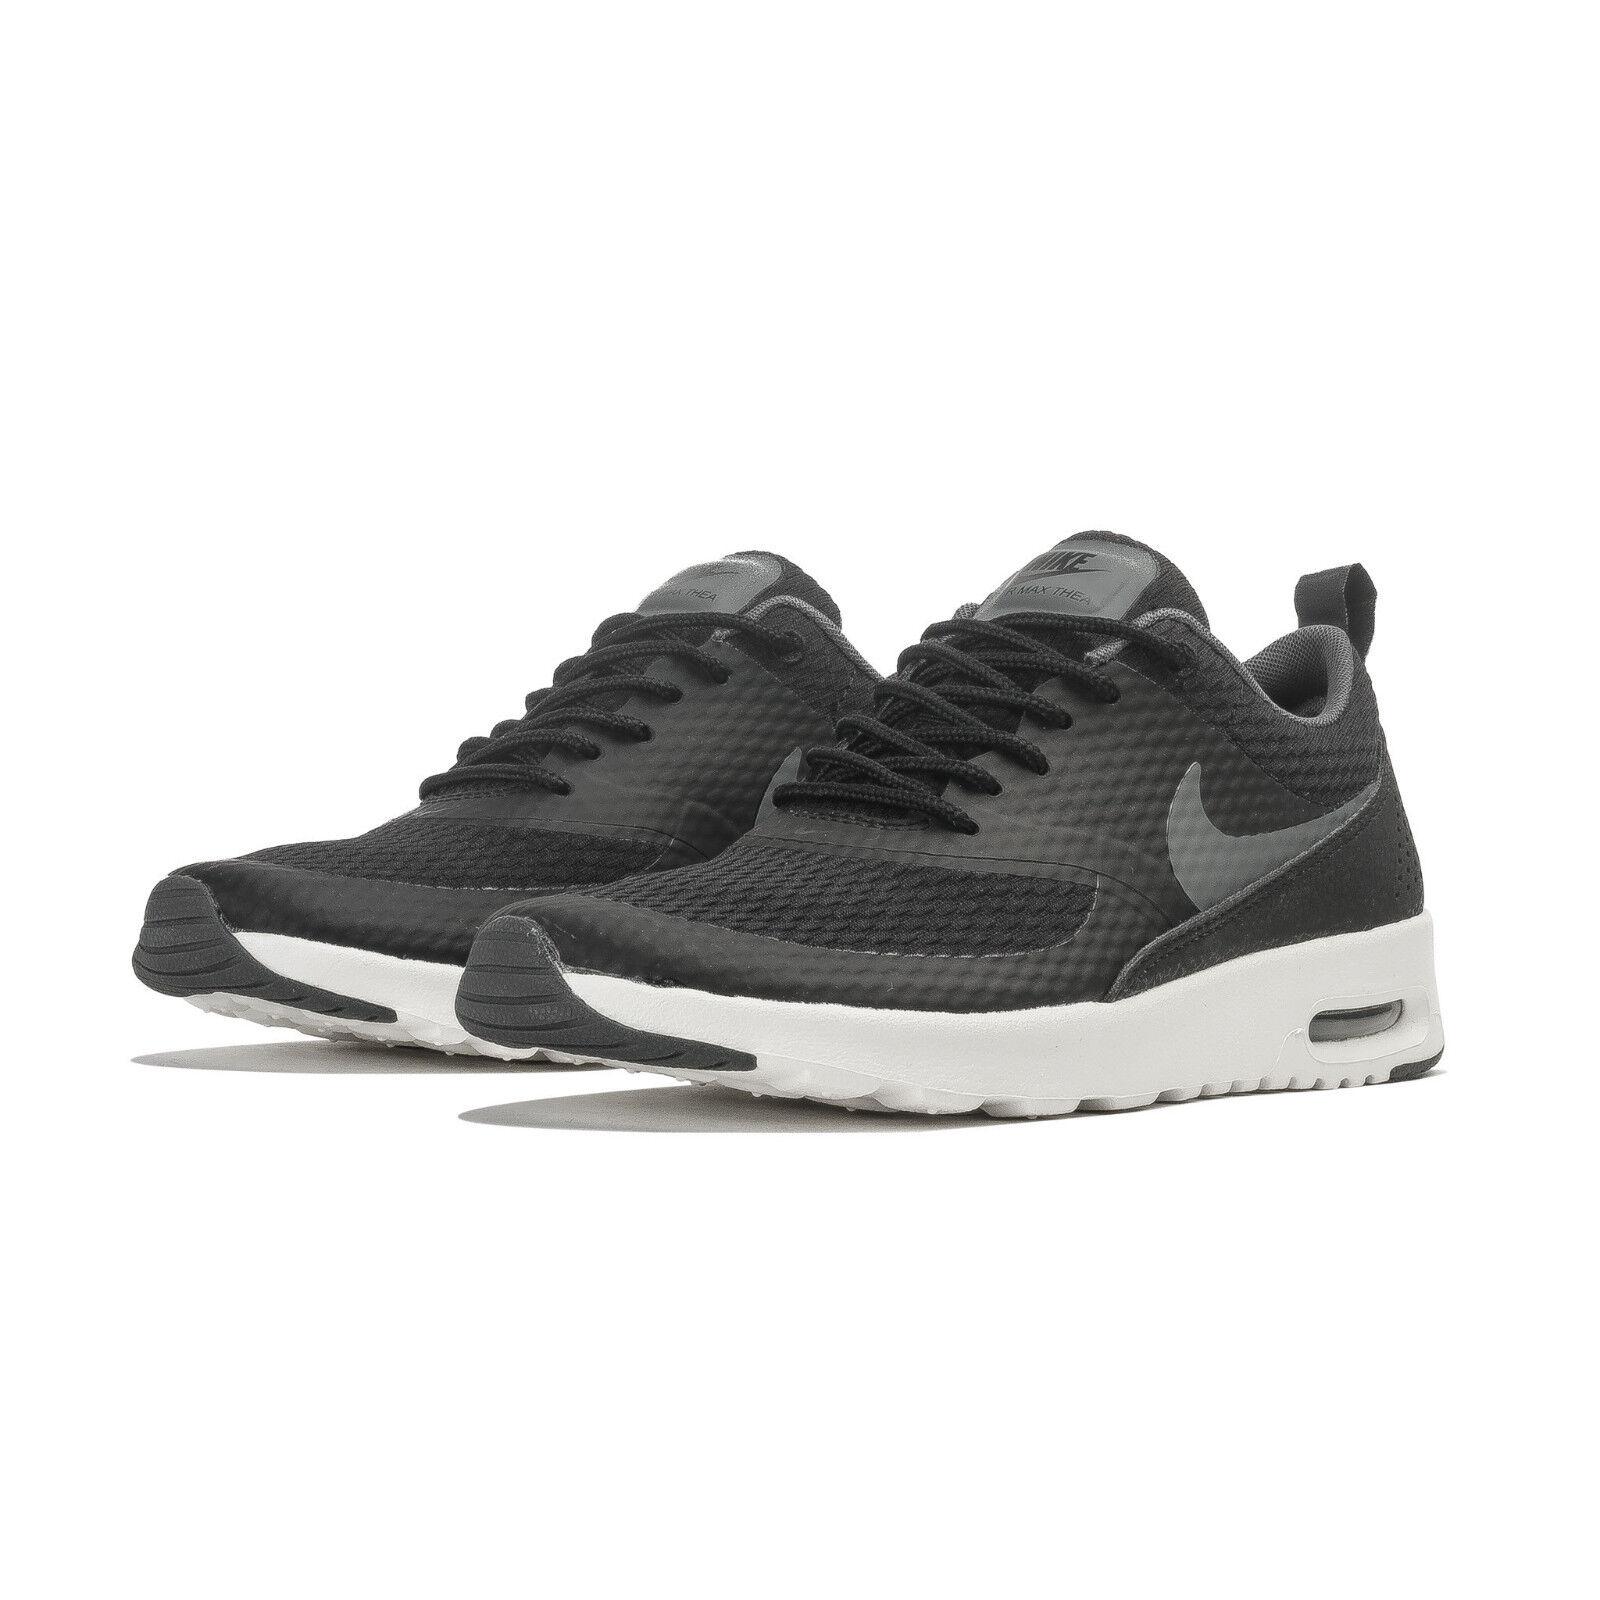 Nike Max Mujeres Air Max Nike Thea Textil Zapato 819639-005 Negro bc4c57